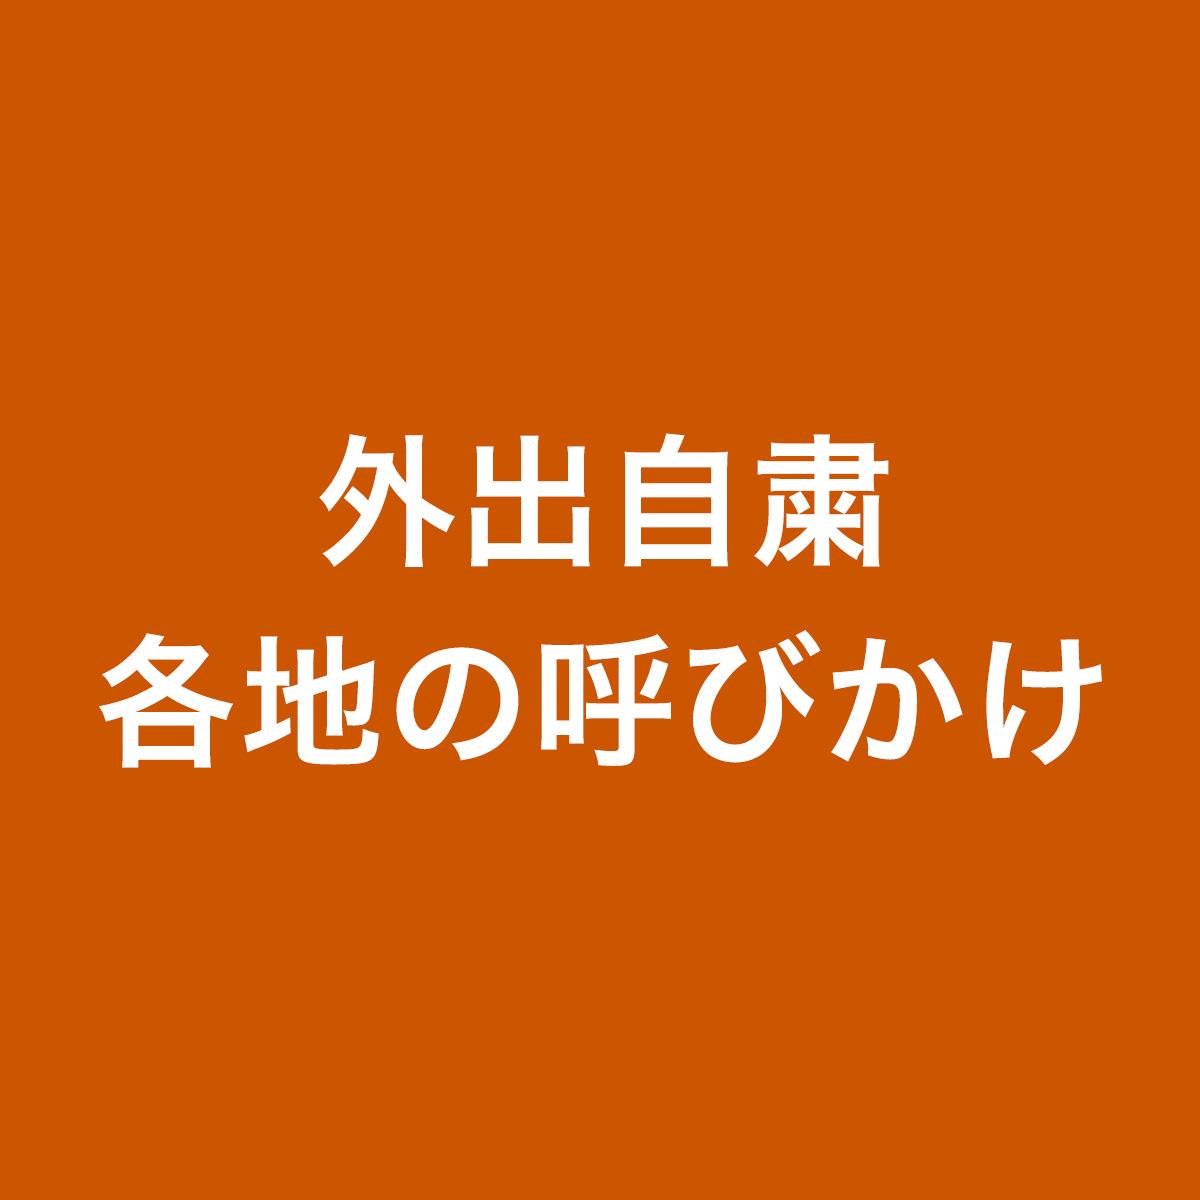 外出自粛 各地の呼びかけ|特設サイト 新型コロナウイルス|NHK NEWS WEB